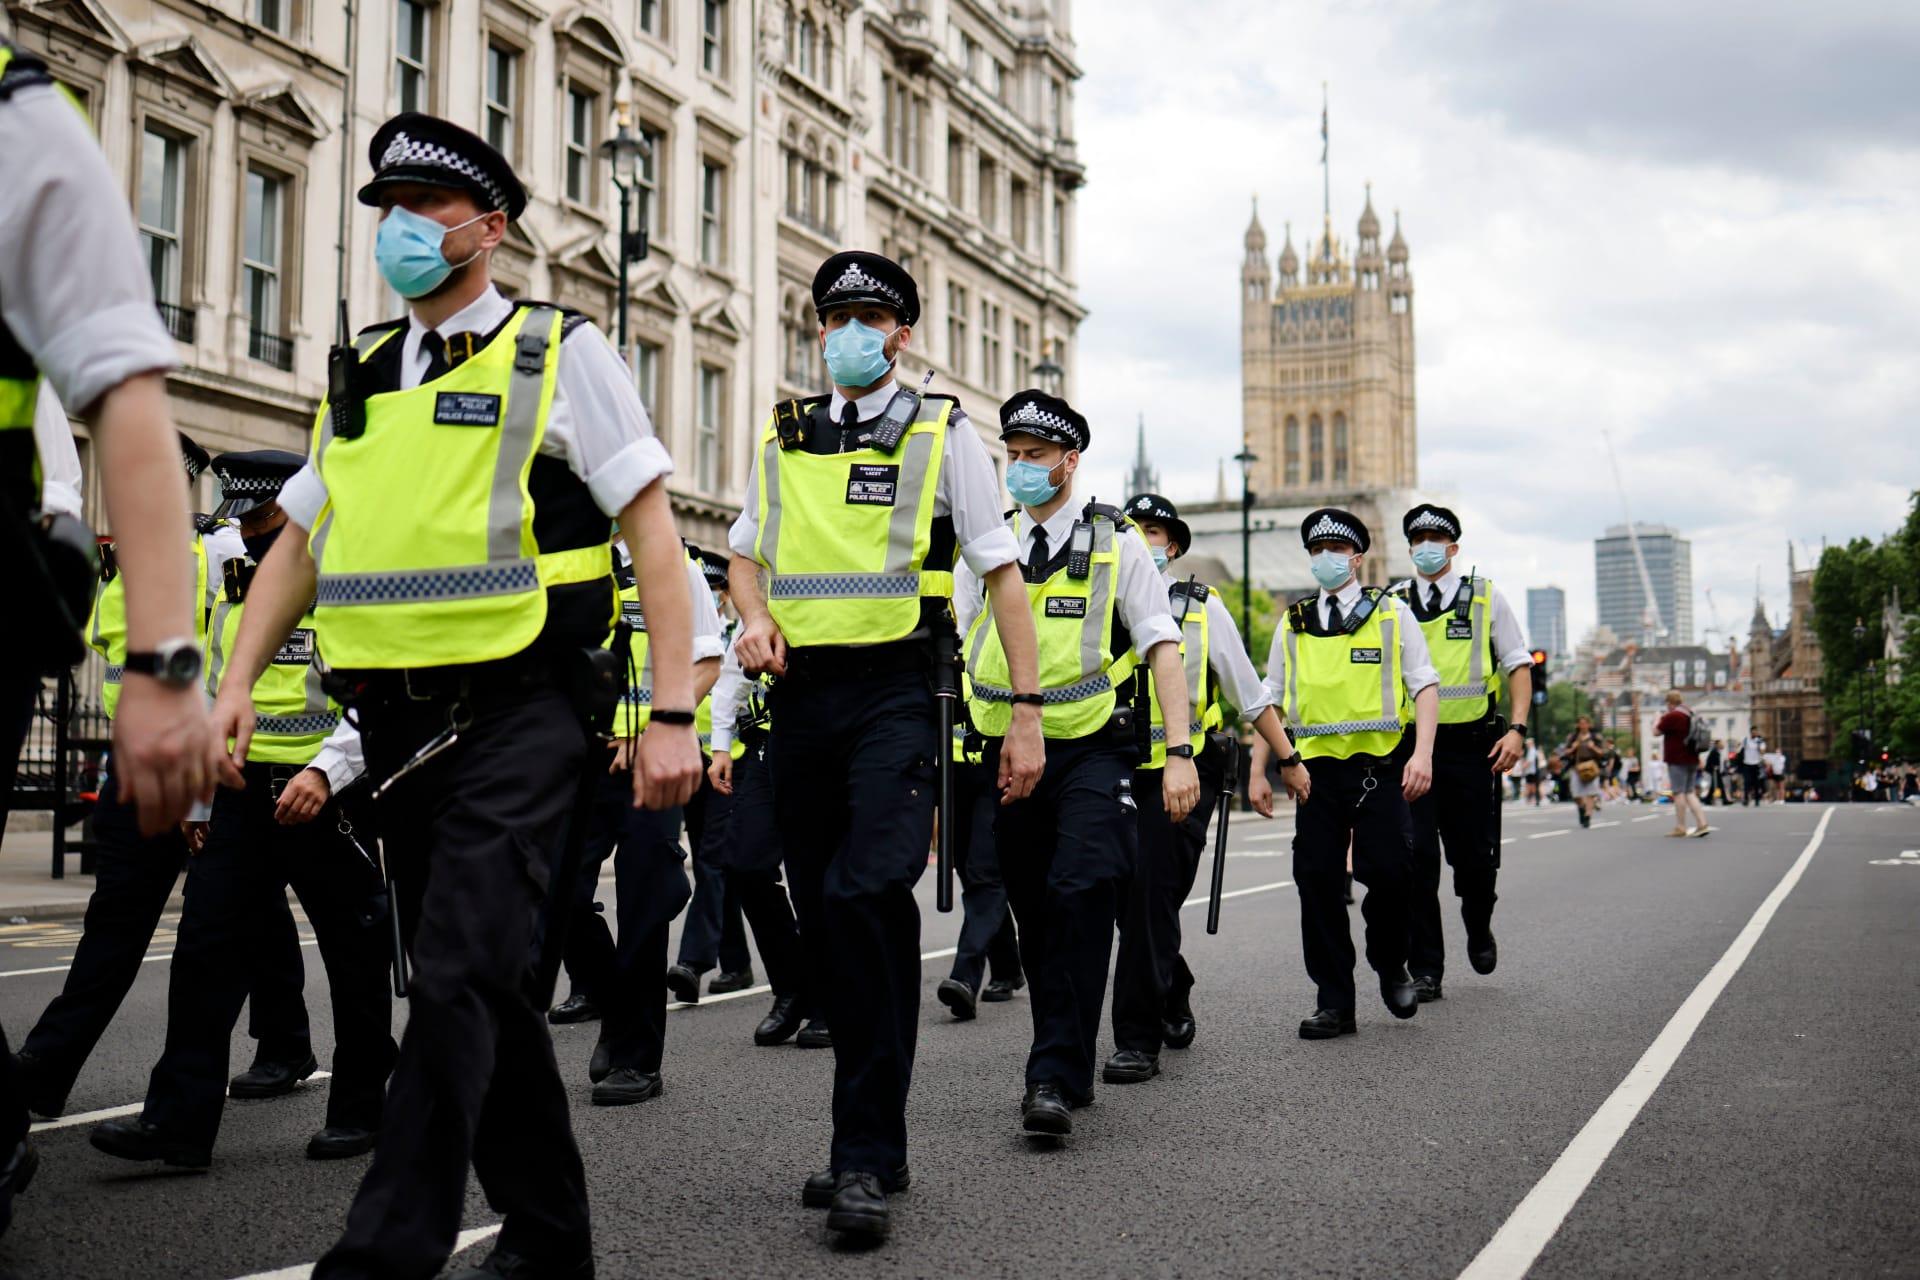 لندن، منظر عام ي 3 يوليو 2021